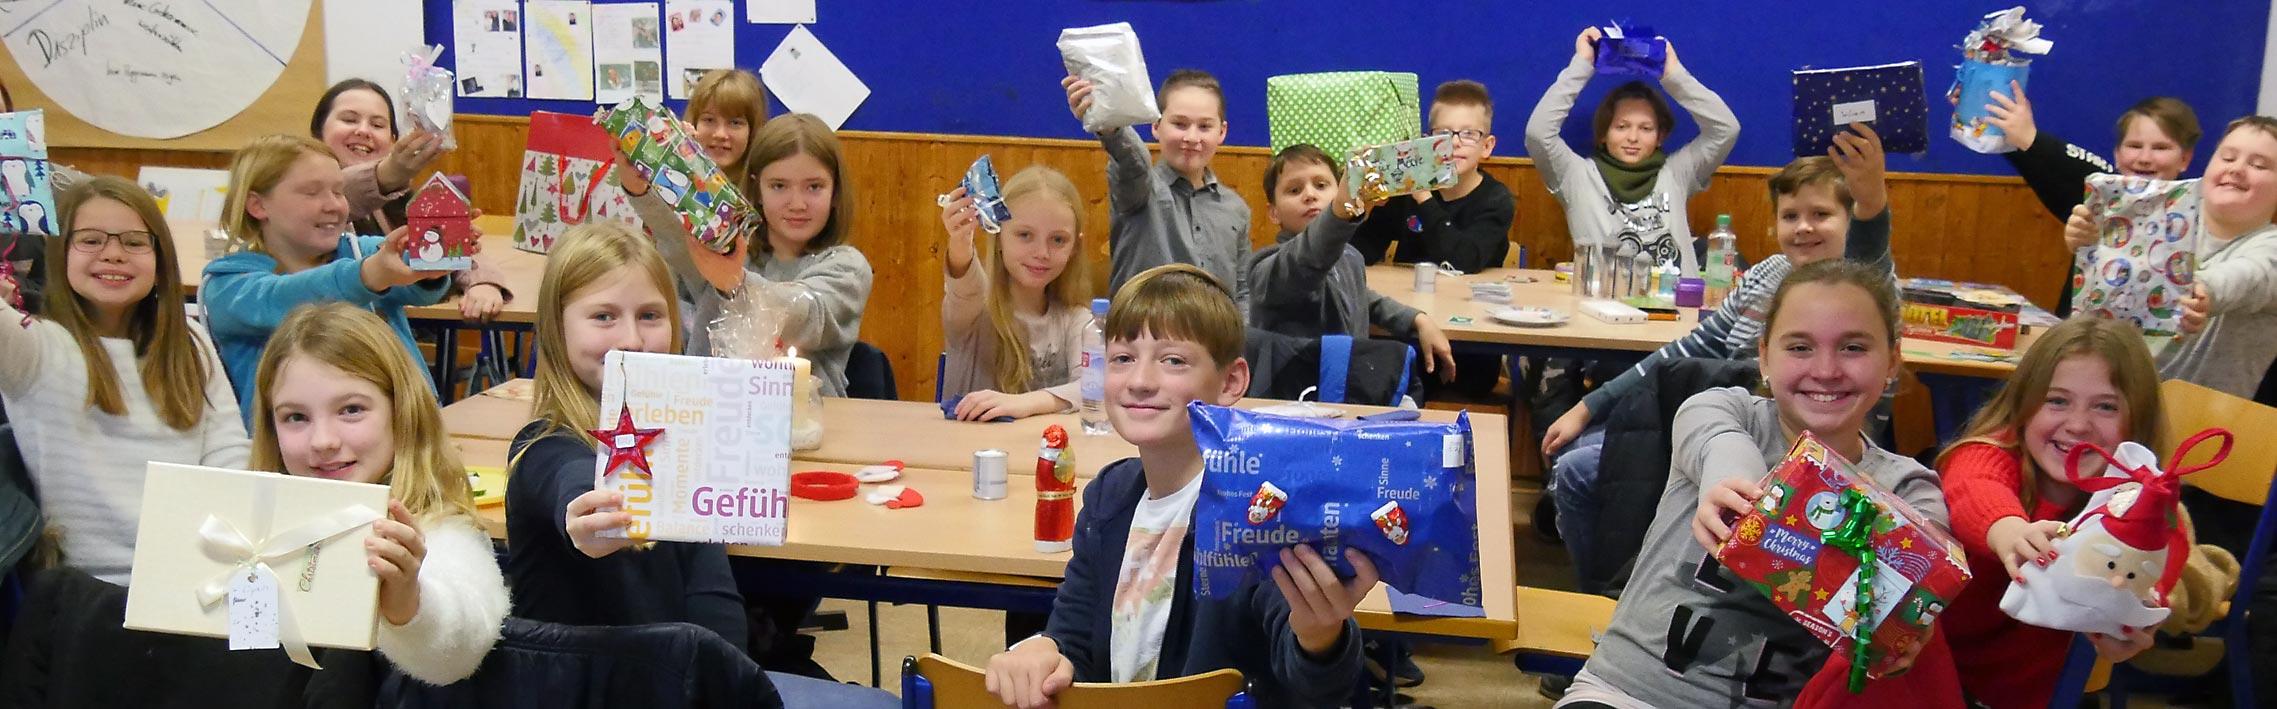 Geschenkideen: Etwas Besonderes für ein kleines Budget | Foto: A. Bubrowski/CJD Oberurff